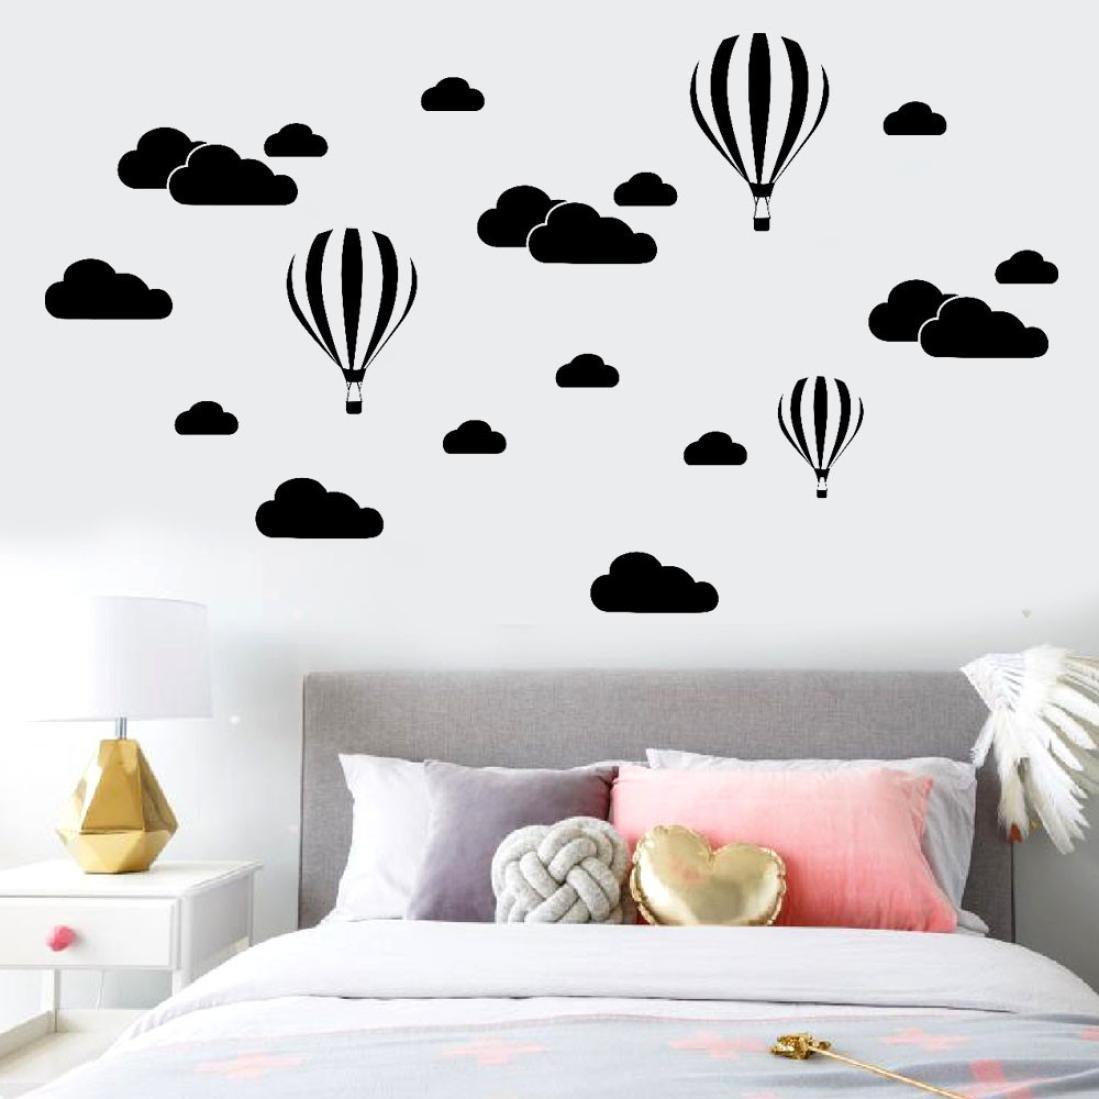 Dragon868 adesivi murali Grande Nuvole Mongolfiera Fai da Te Adesivi Murali Cameretta Cucina Salotto Home Decor (Bianco)